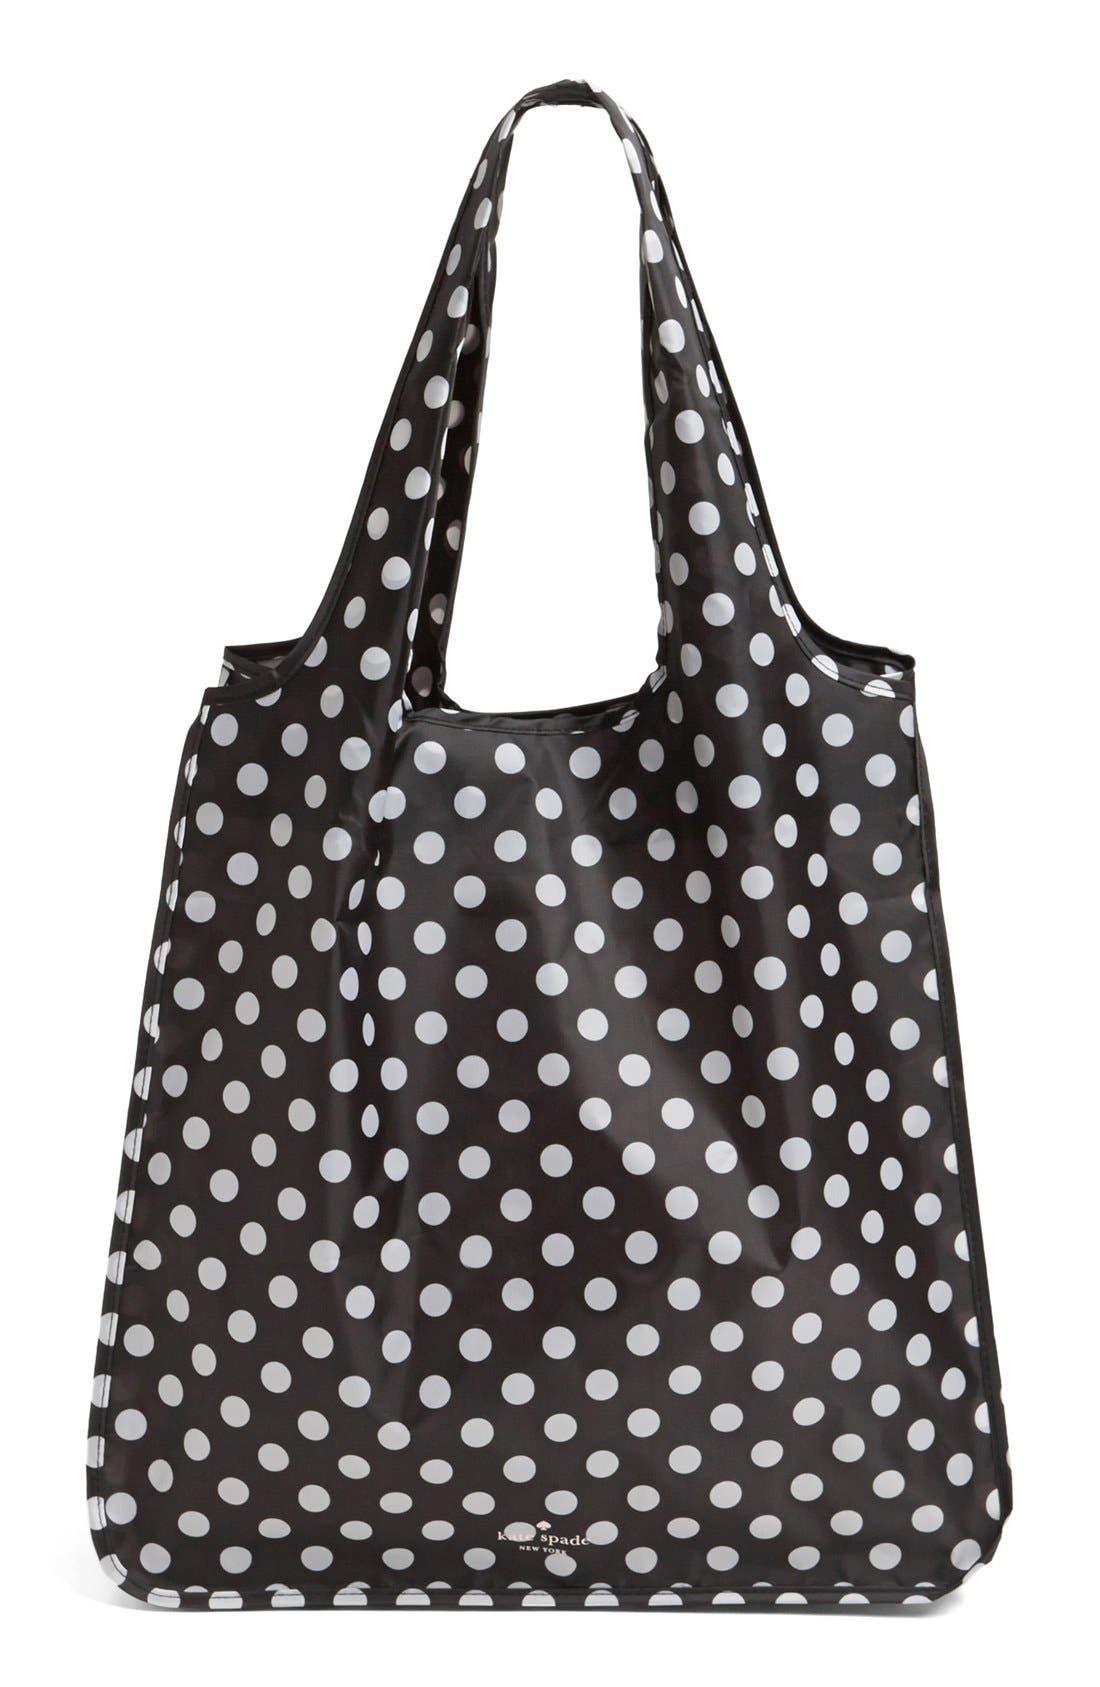 'polka dot' reusable shopping tote,                             Main thumbnail 1, color,                             Black